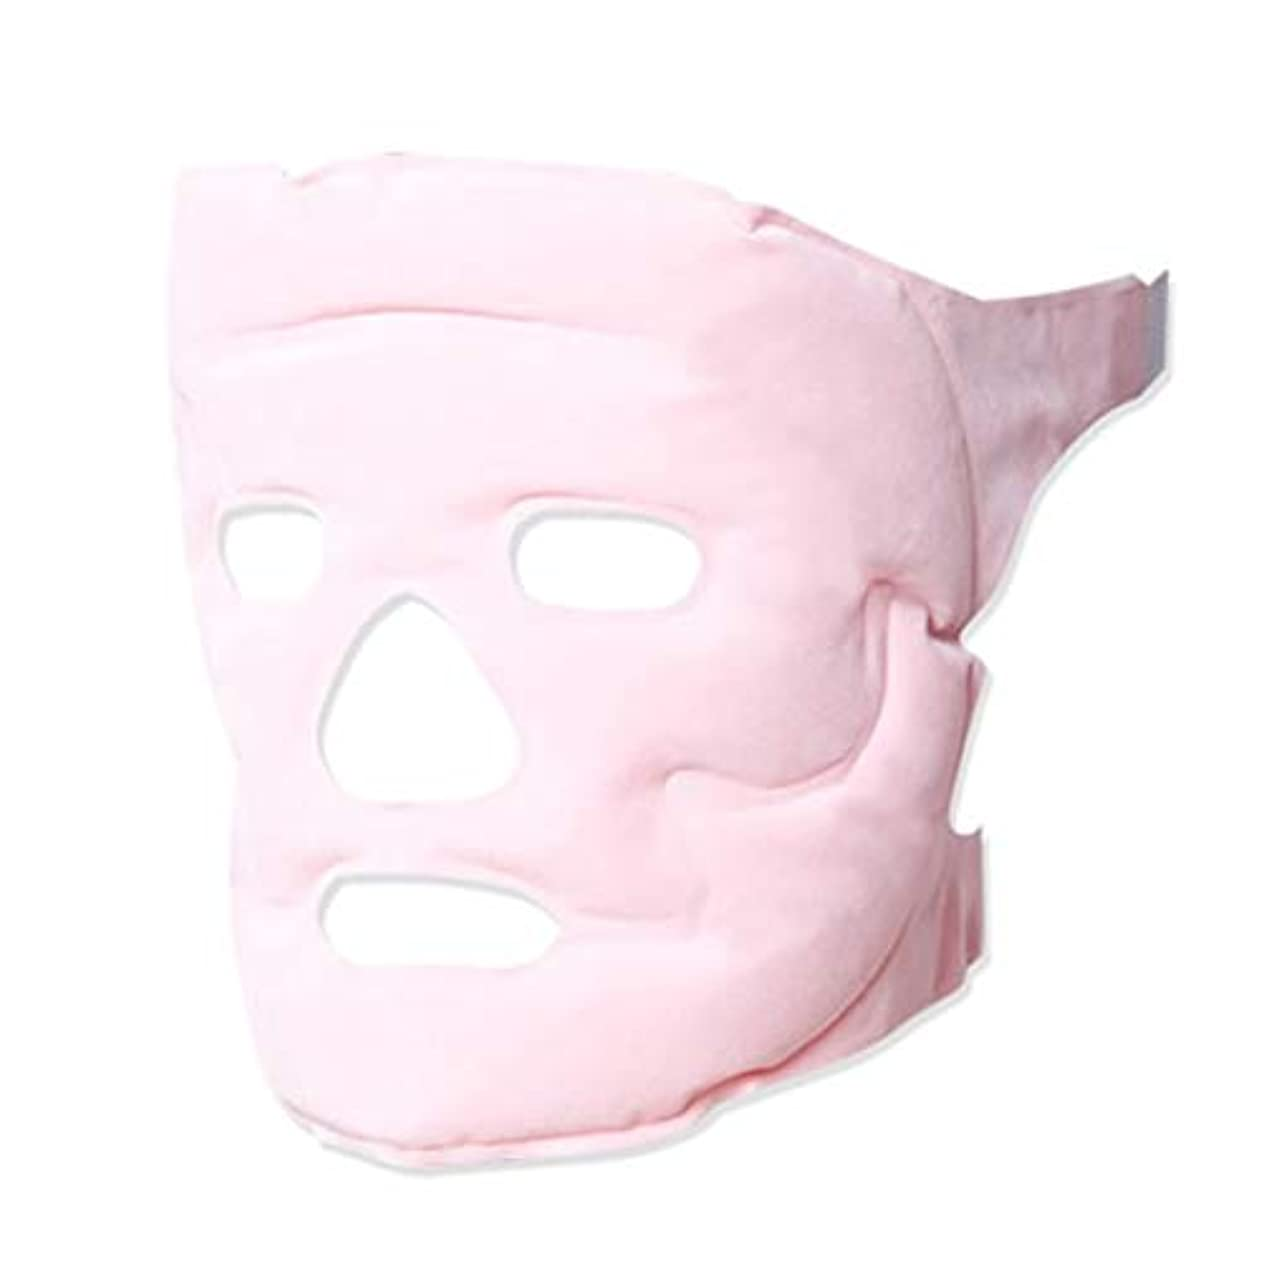 幸運チューインガム配るZWBD フェイスマスク, フェイスリフティング包帯Vフェイスマスク睡眠薄い顔美容マスク磁気療法リフティング顔引き締め令包帯